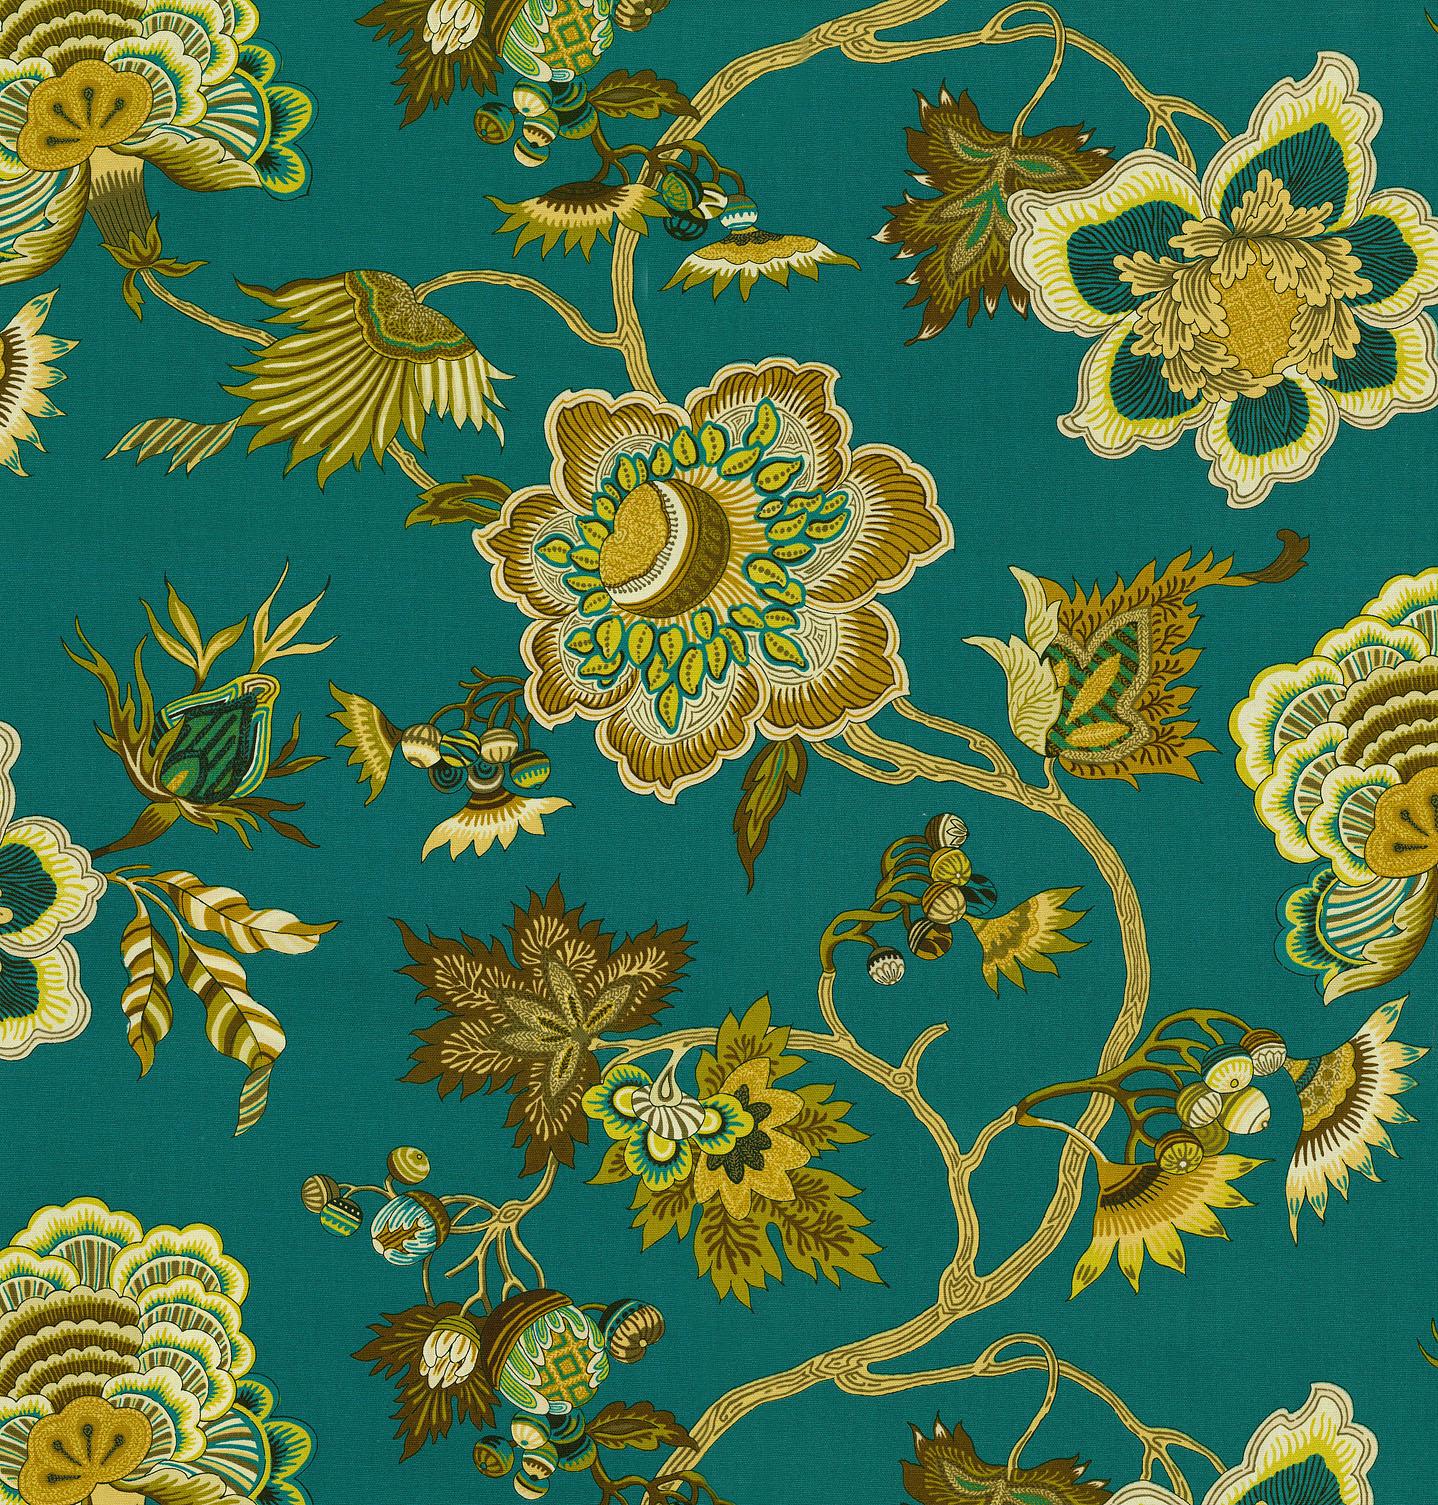 Iman Home Print Fabric 54 U0022 Samoan Plantation Jasper